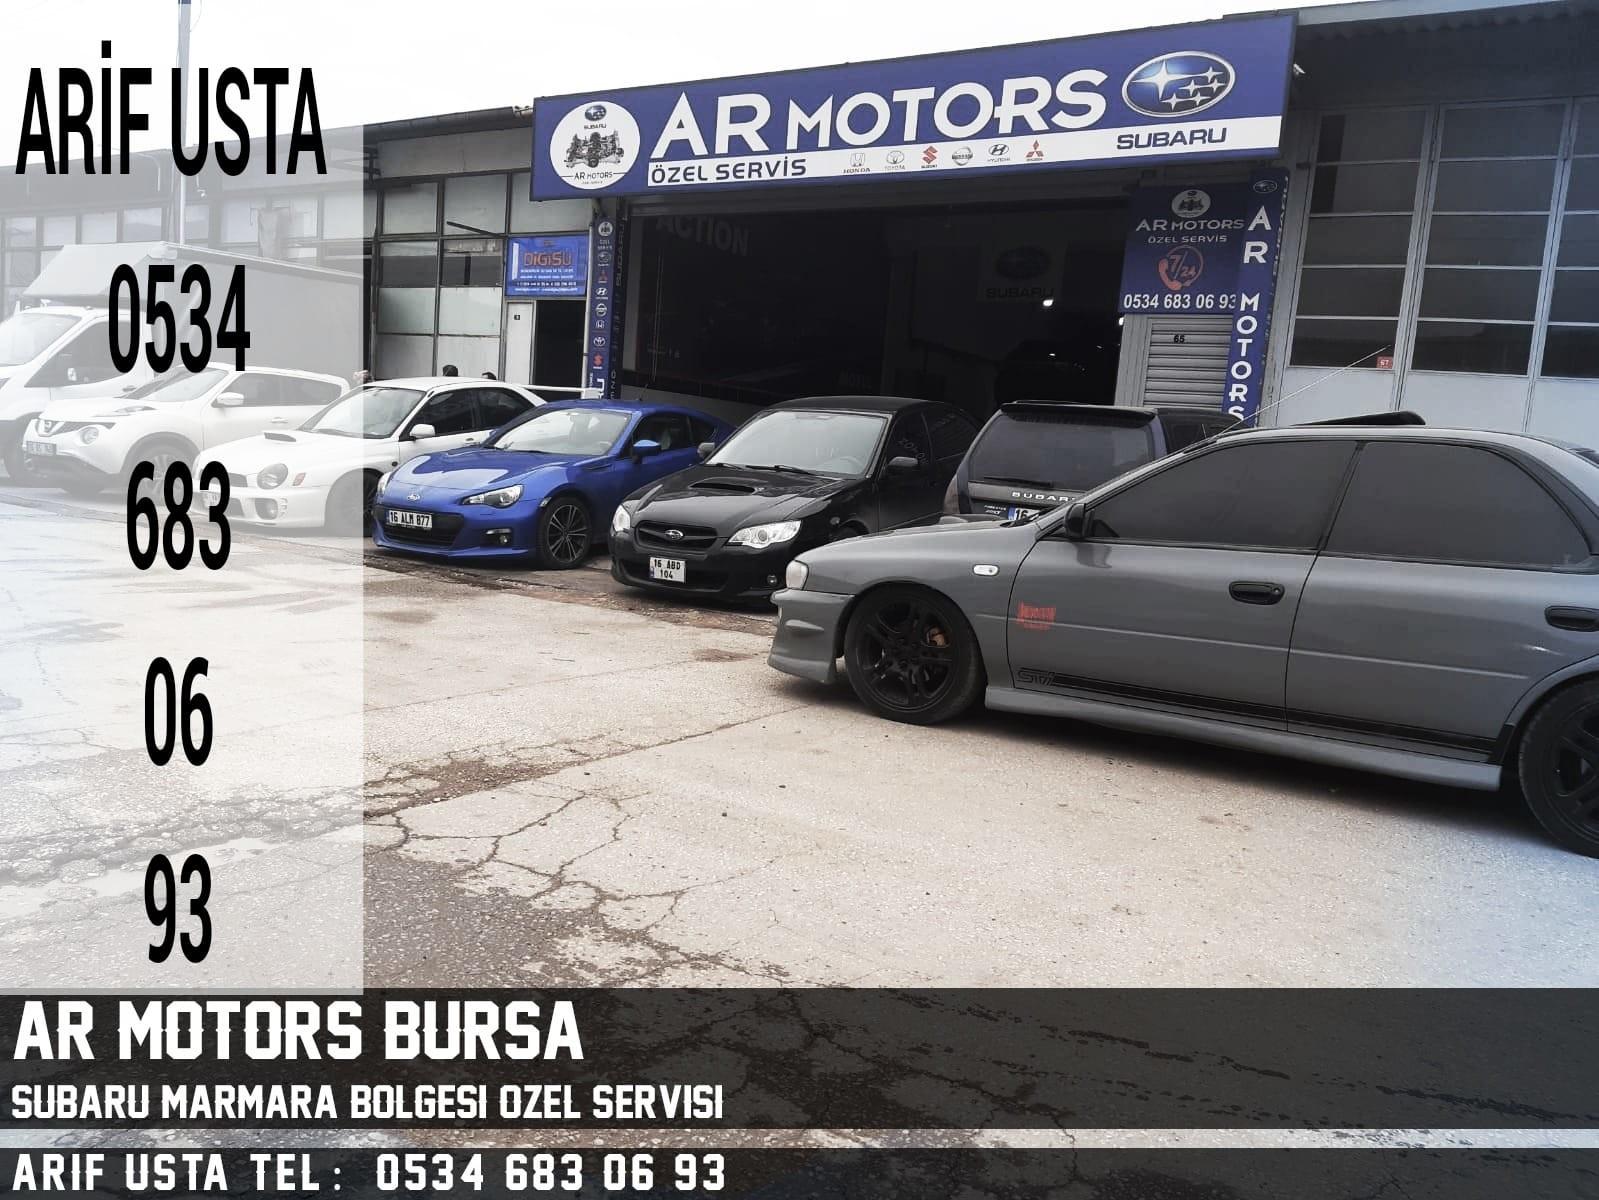 AR Motors